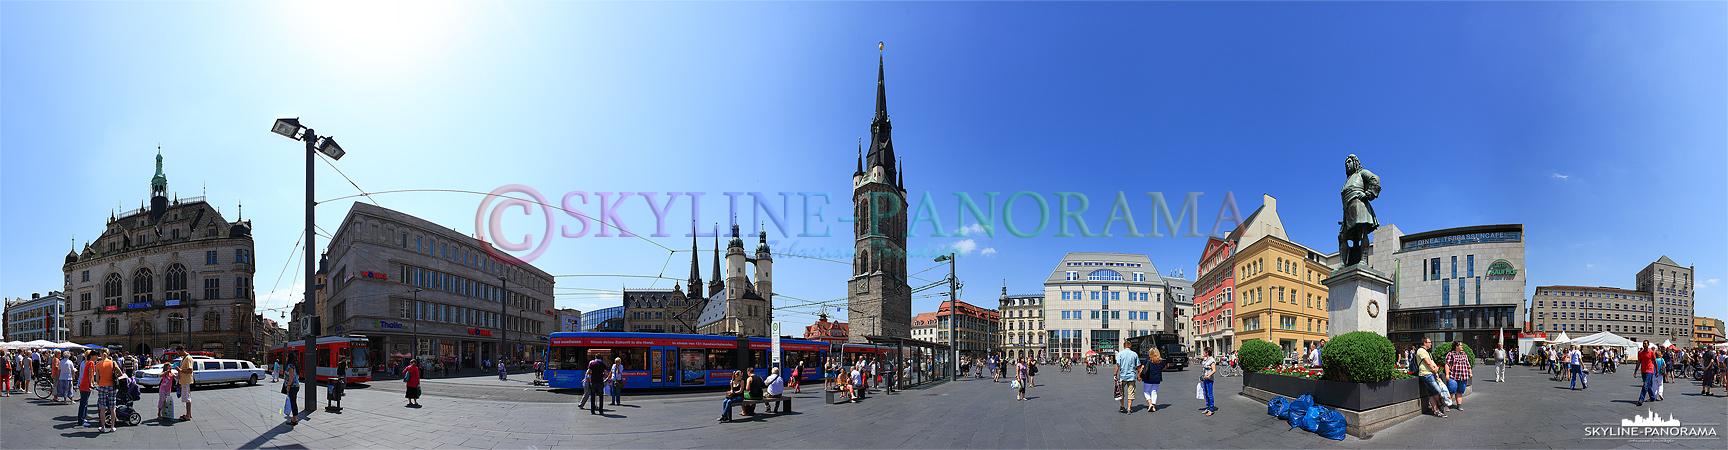 panorama halle saale marktplatz p 00522 skyline. Black Bedroom Furniture Sets. Home Design Ideas